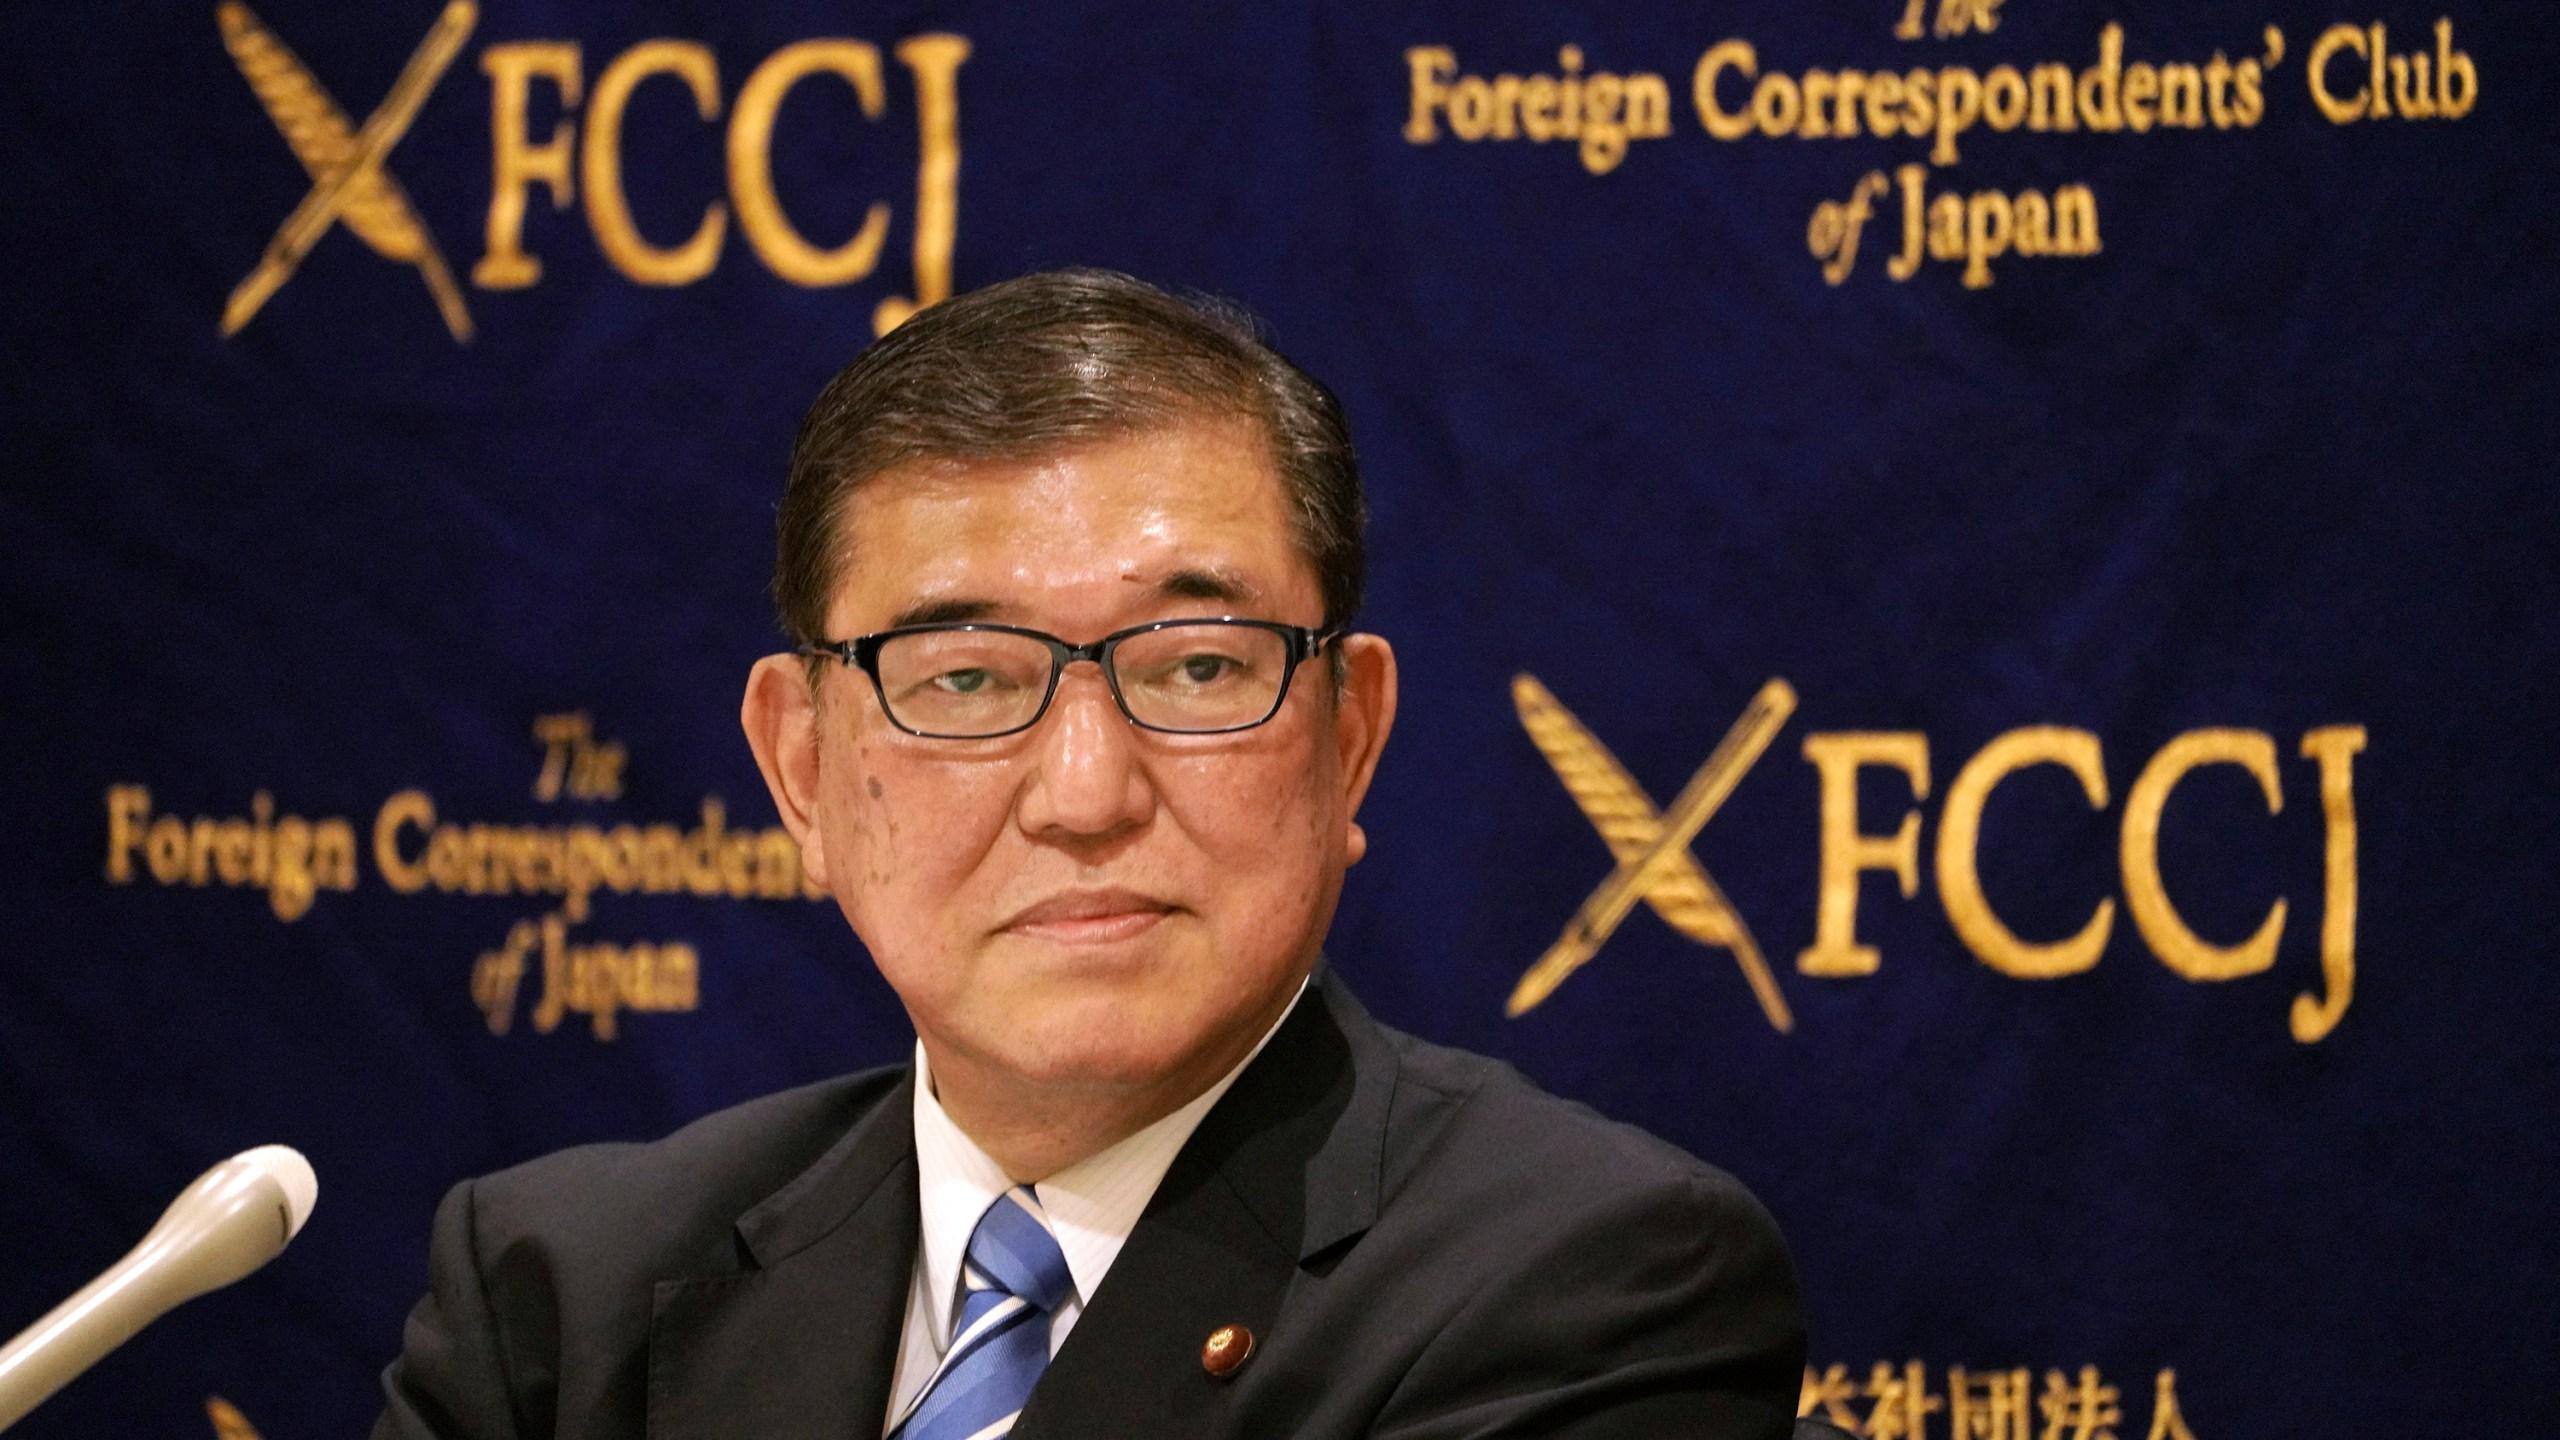 Shigeru Ishiba